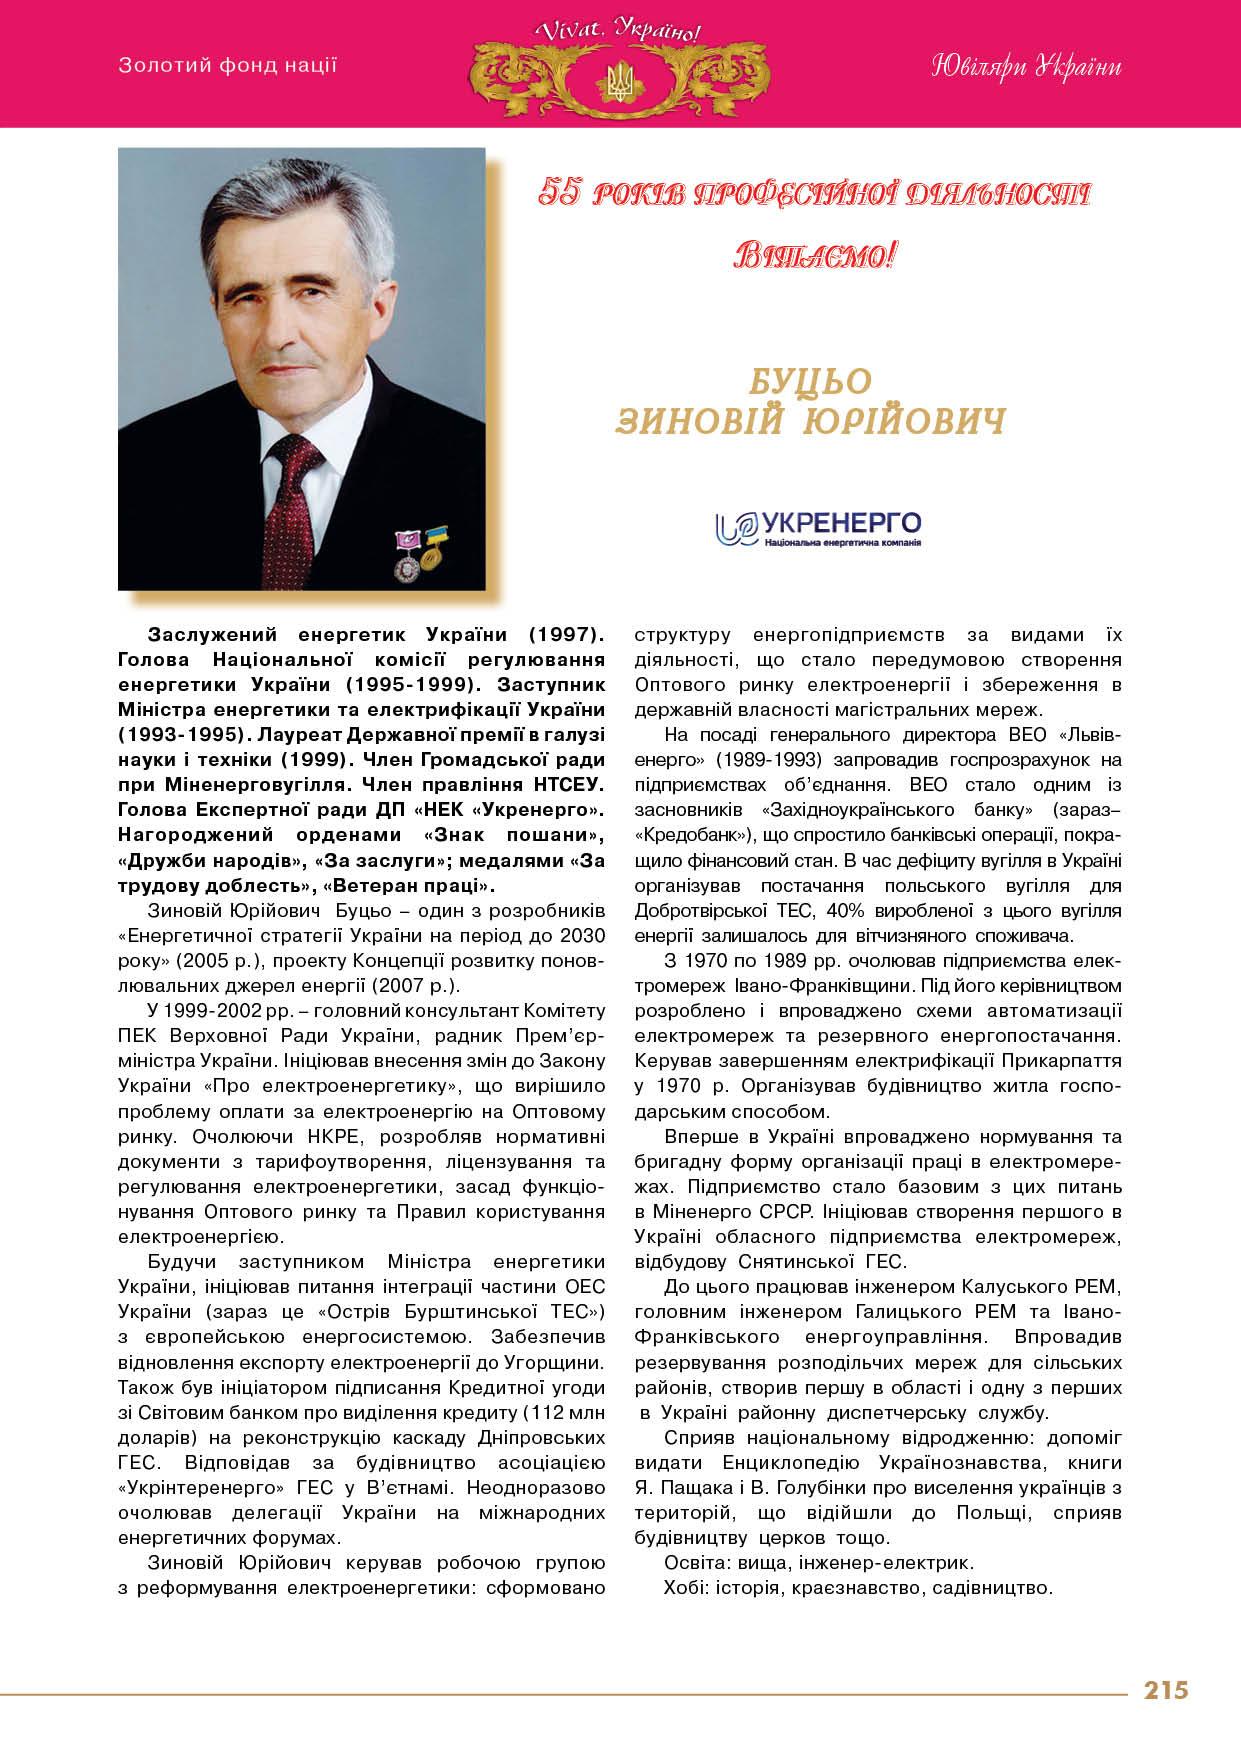 Буцьо Зиновій Юрійович